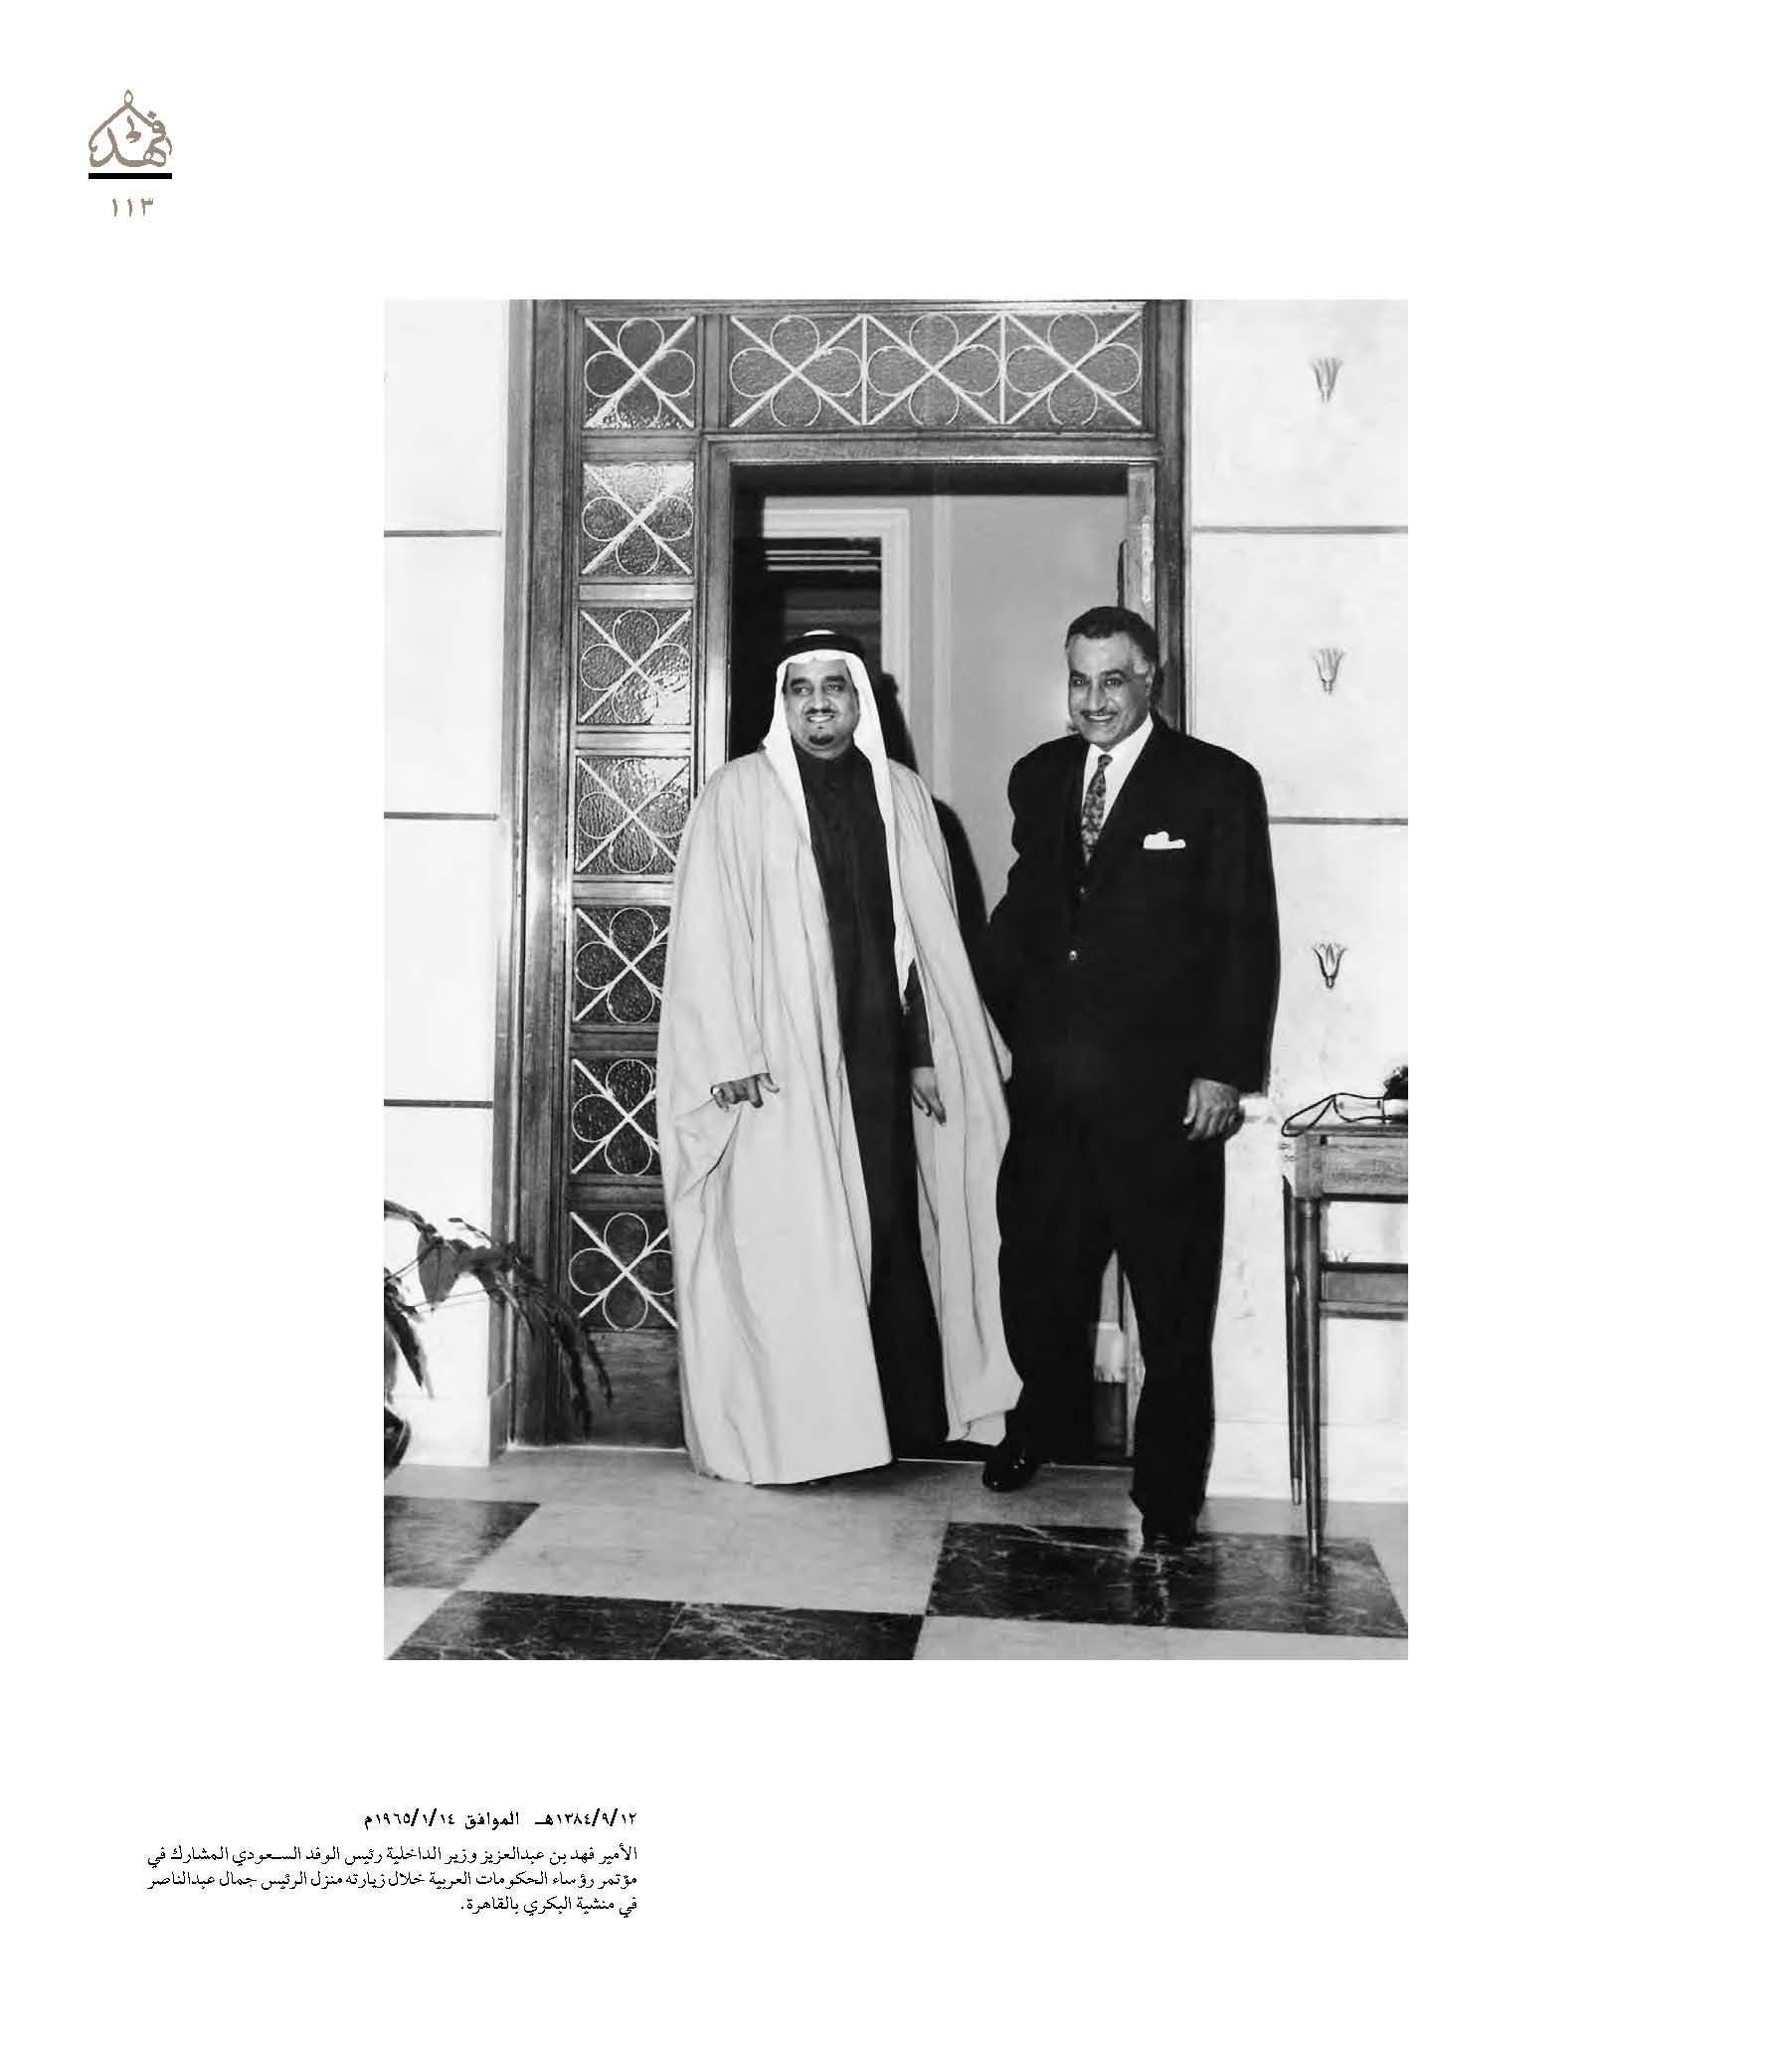 """صور نادرة للملك فهد في """"كتاب"""" Ea05a383-d032-442b-b7b9-26c0a1944d17"""